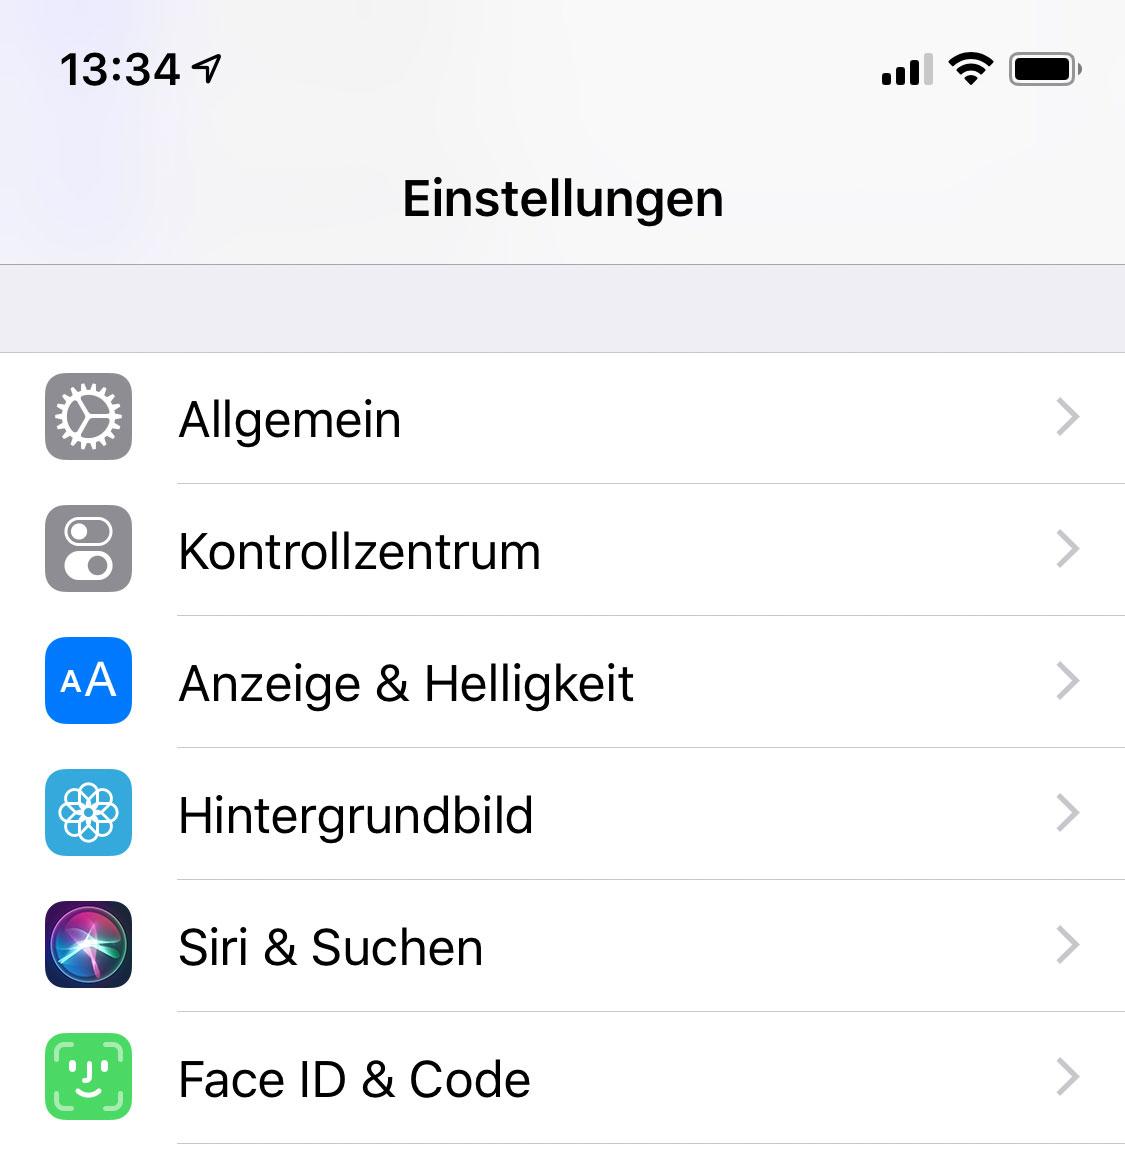 Einstellungen in iOS